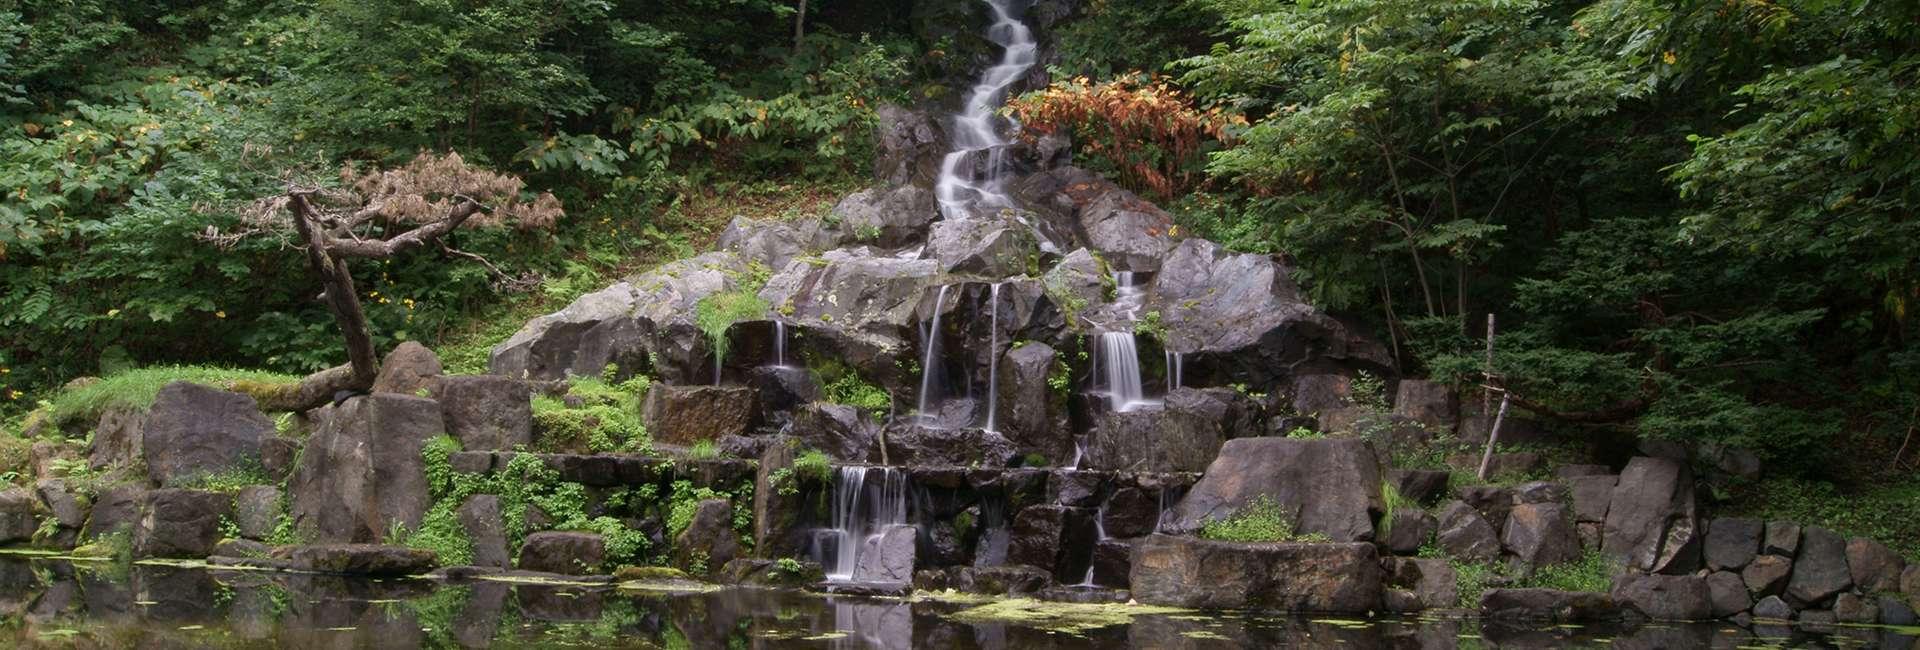 cascade Hagoromo to Asahikawa